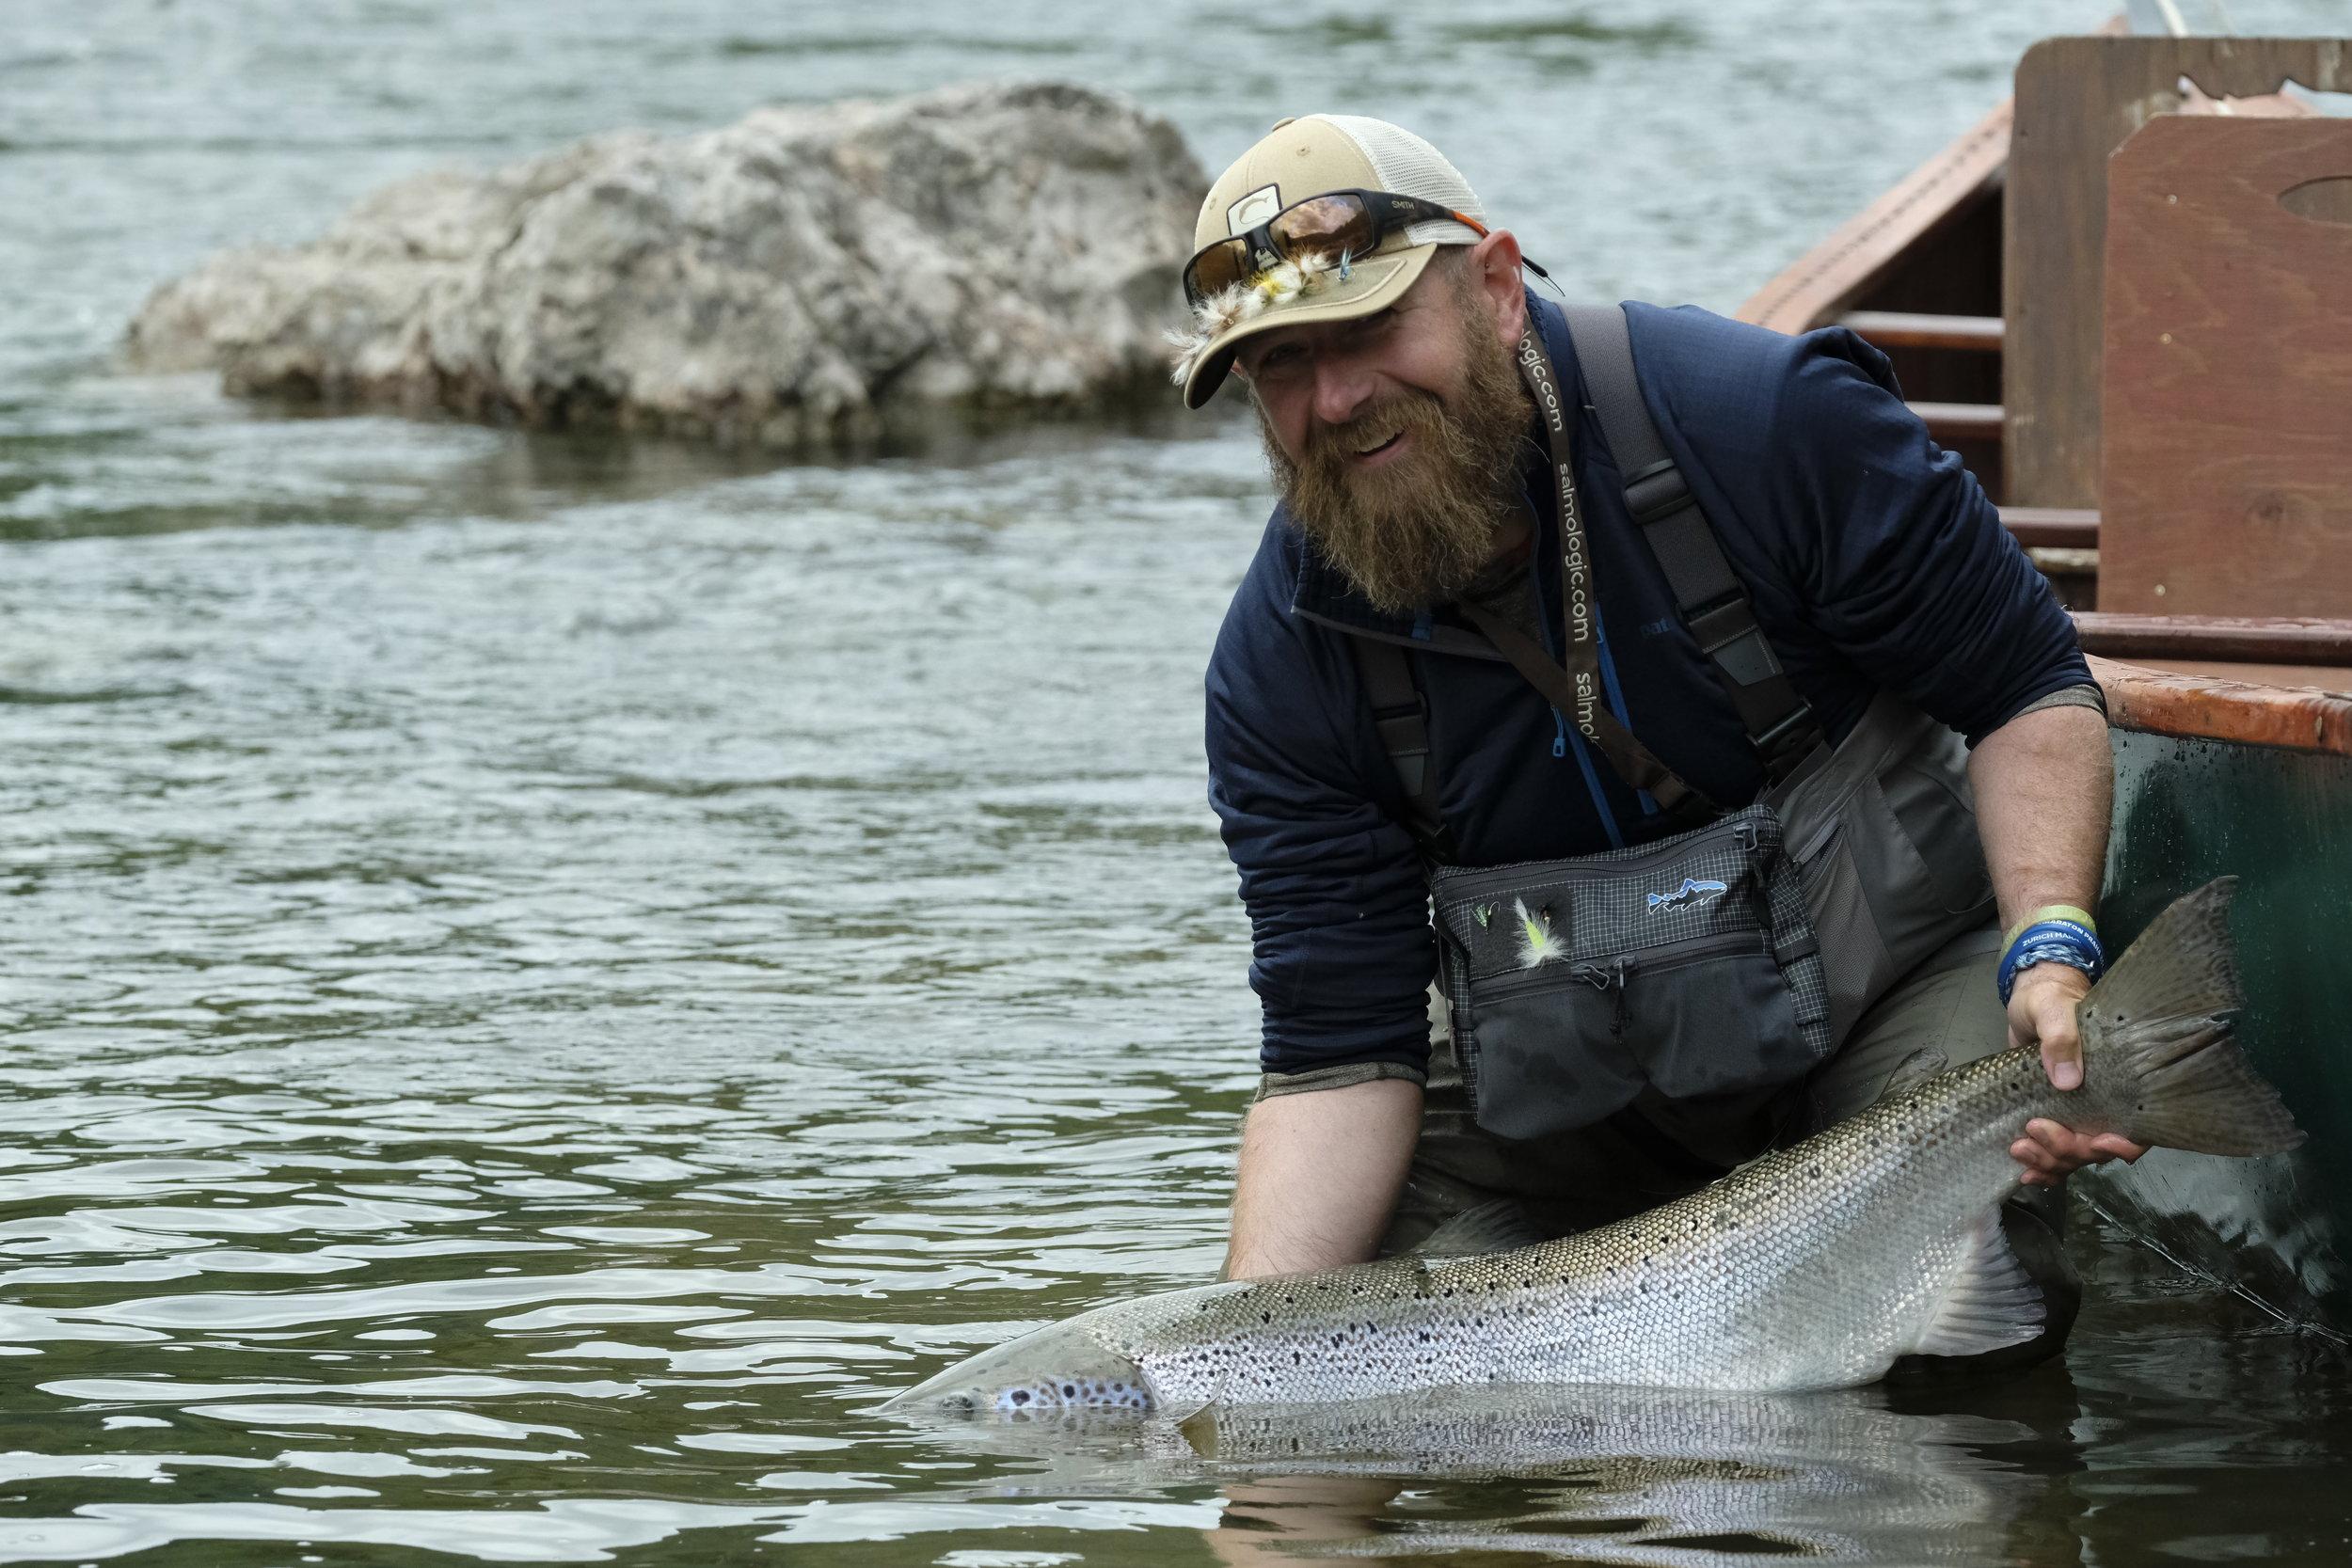 Une prise inoubliable pour David Ingerbrigsten : un magnifique saumon de l'Atlantique capturé dans la Cascapédia. Bienvenue dans le Club des 30 lb et plus!